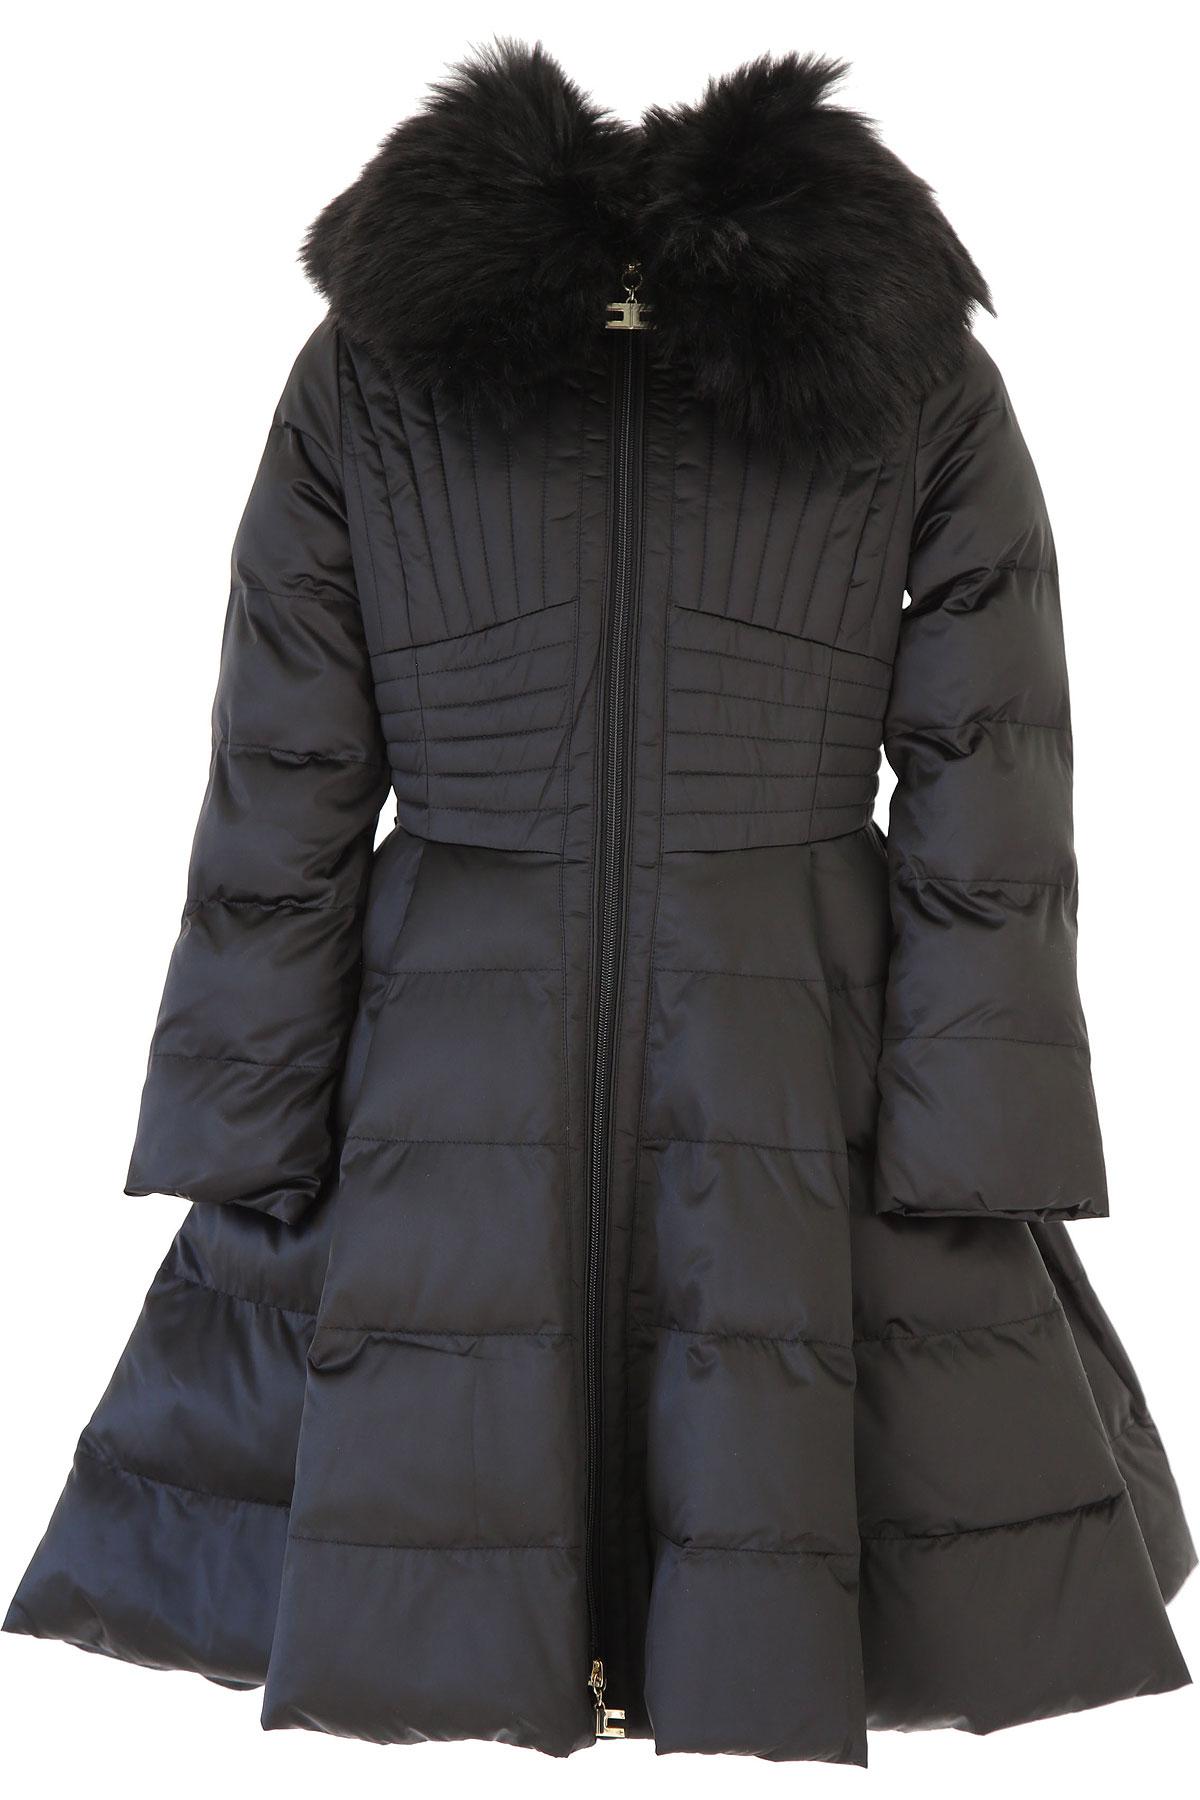 Elisabetta Franchi Girls Down Jacket for Kids, Puffer Ski Jacket On Sale, Black, polyester, 2019, M S